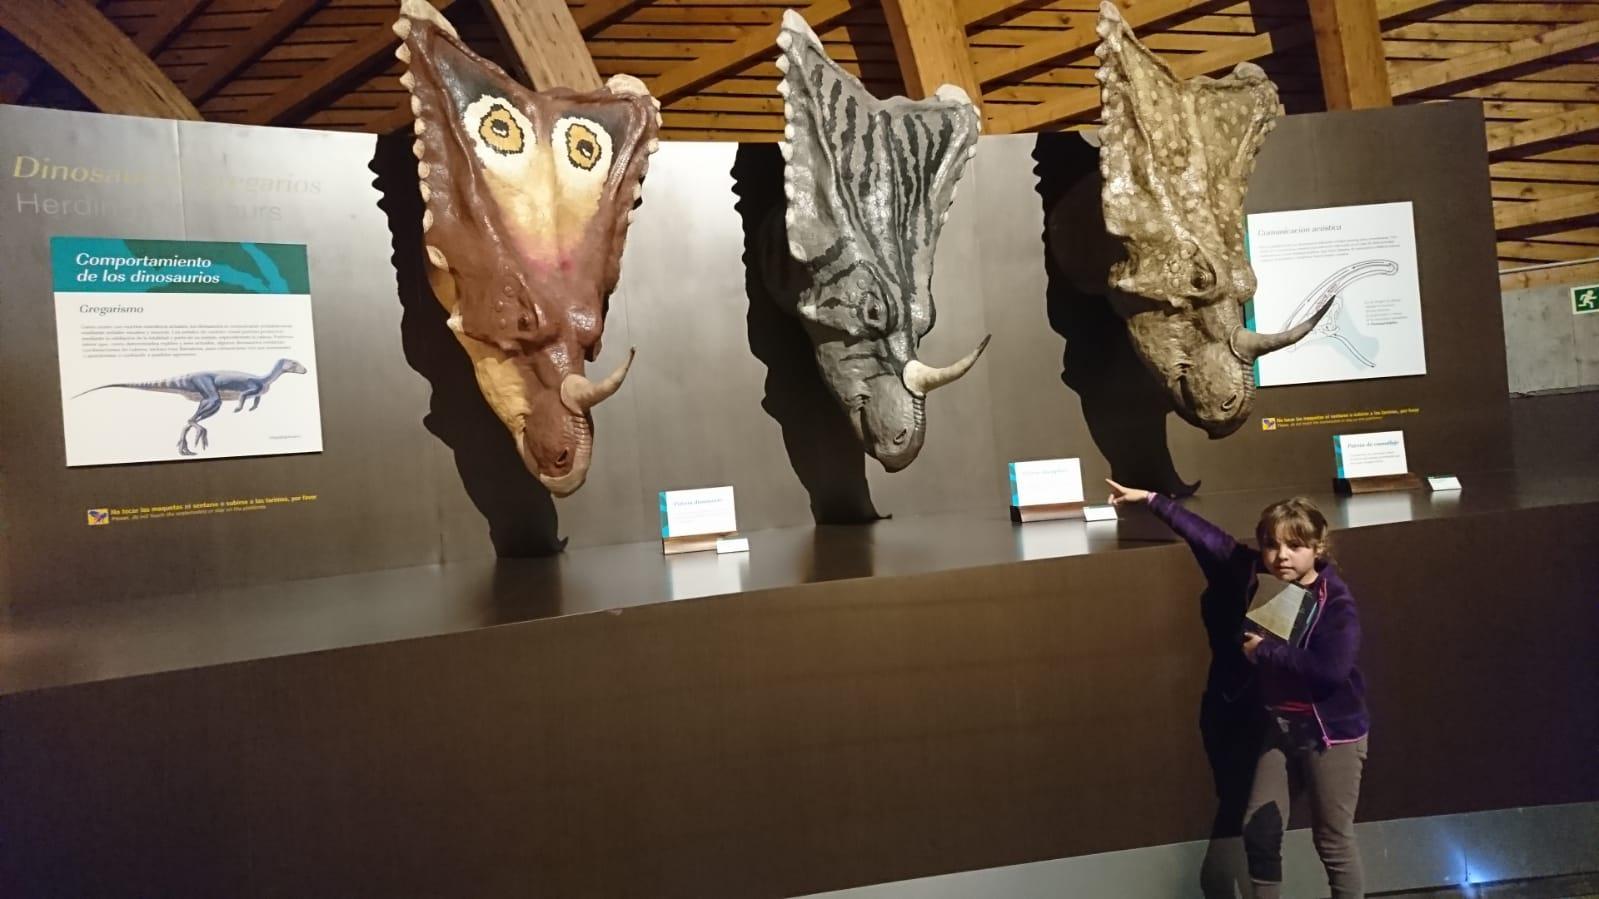 Posibles colores de los dinosaurios del MUJA. ©J.R.Aguirre